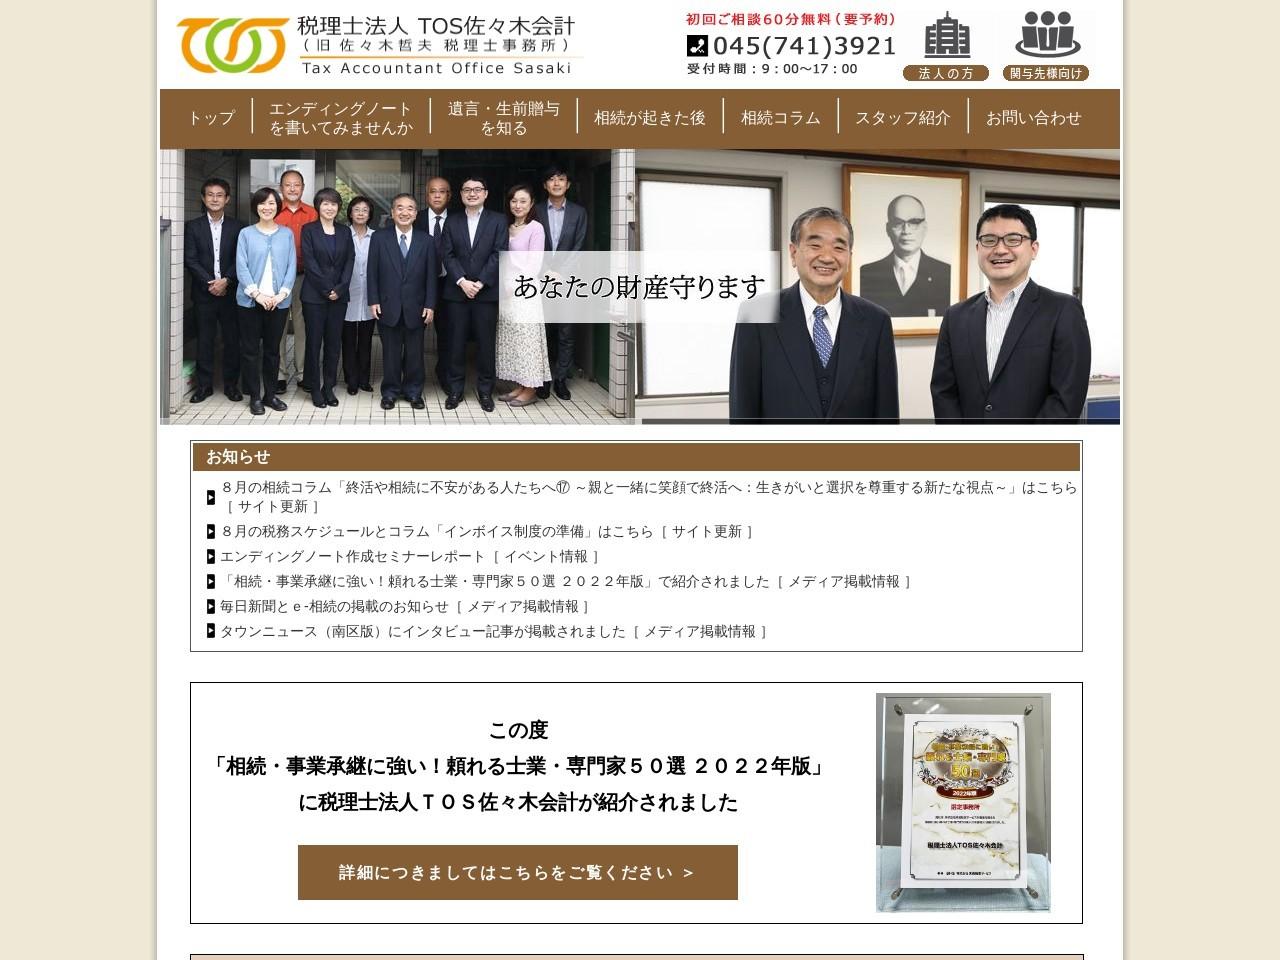 佐々木哲夫税理士事務所